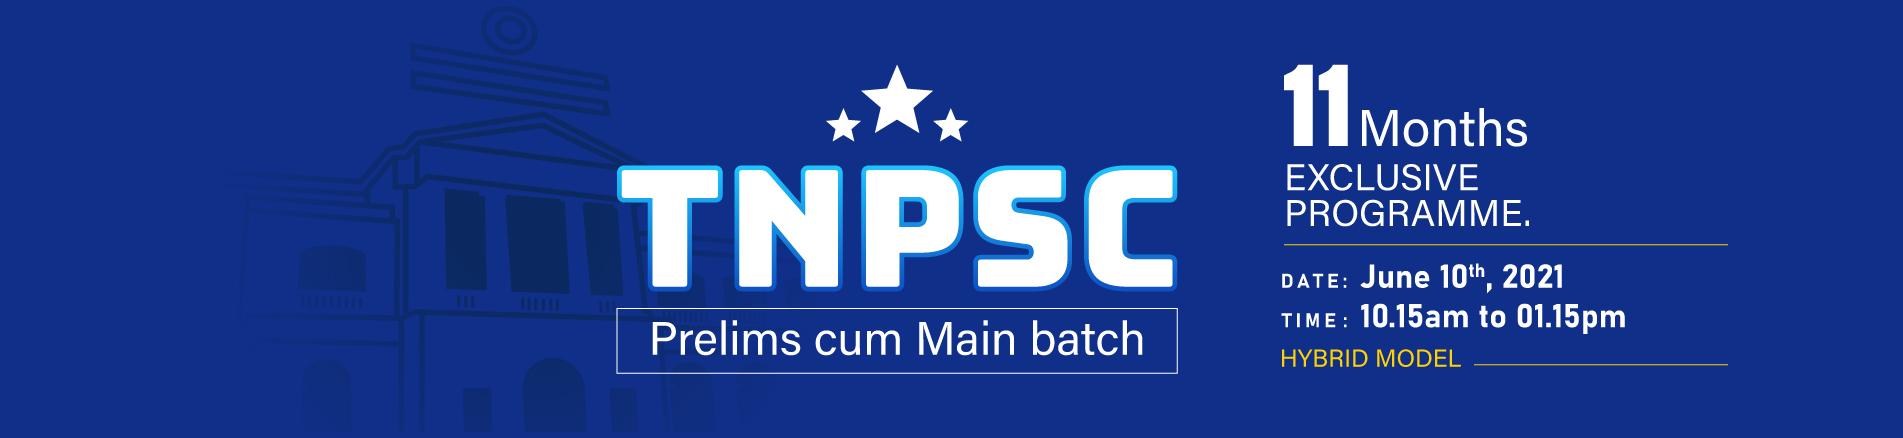 TNPSC prelims